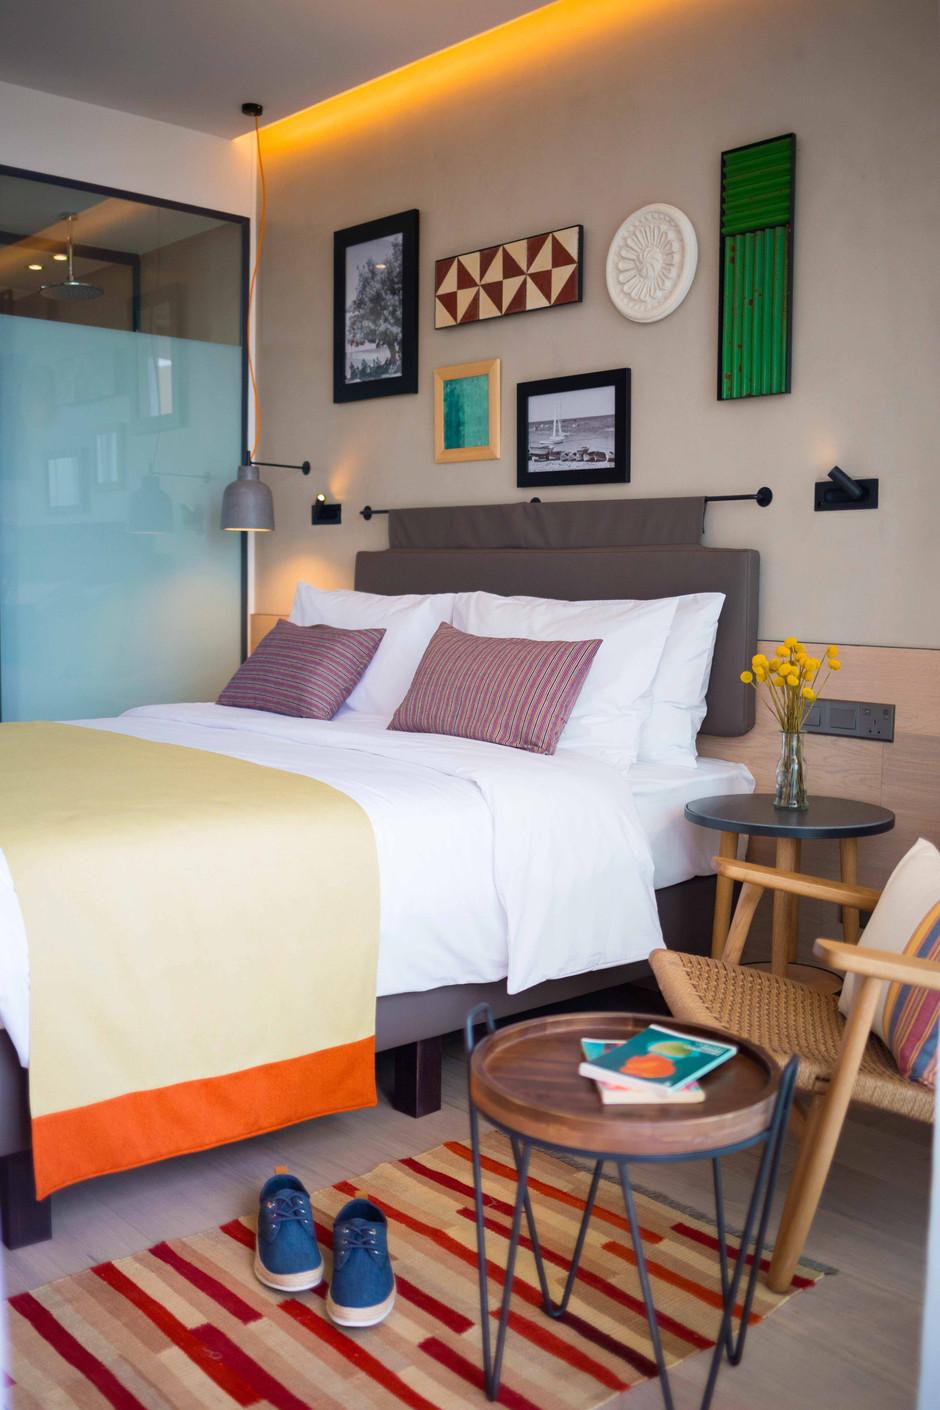 HOTEL INDIGO-86.jpg